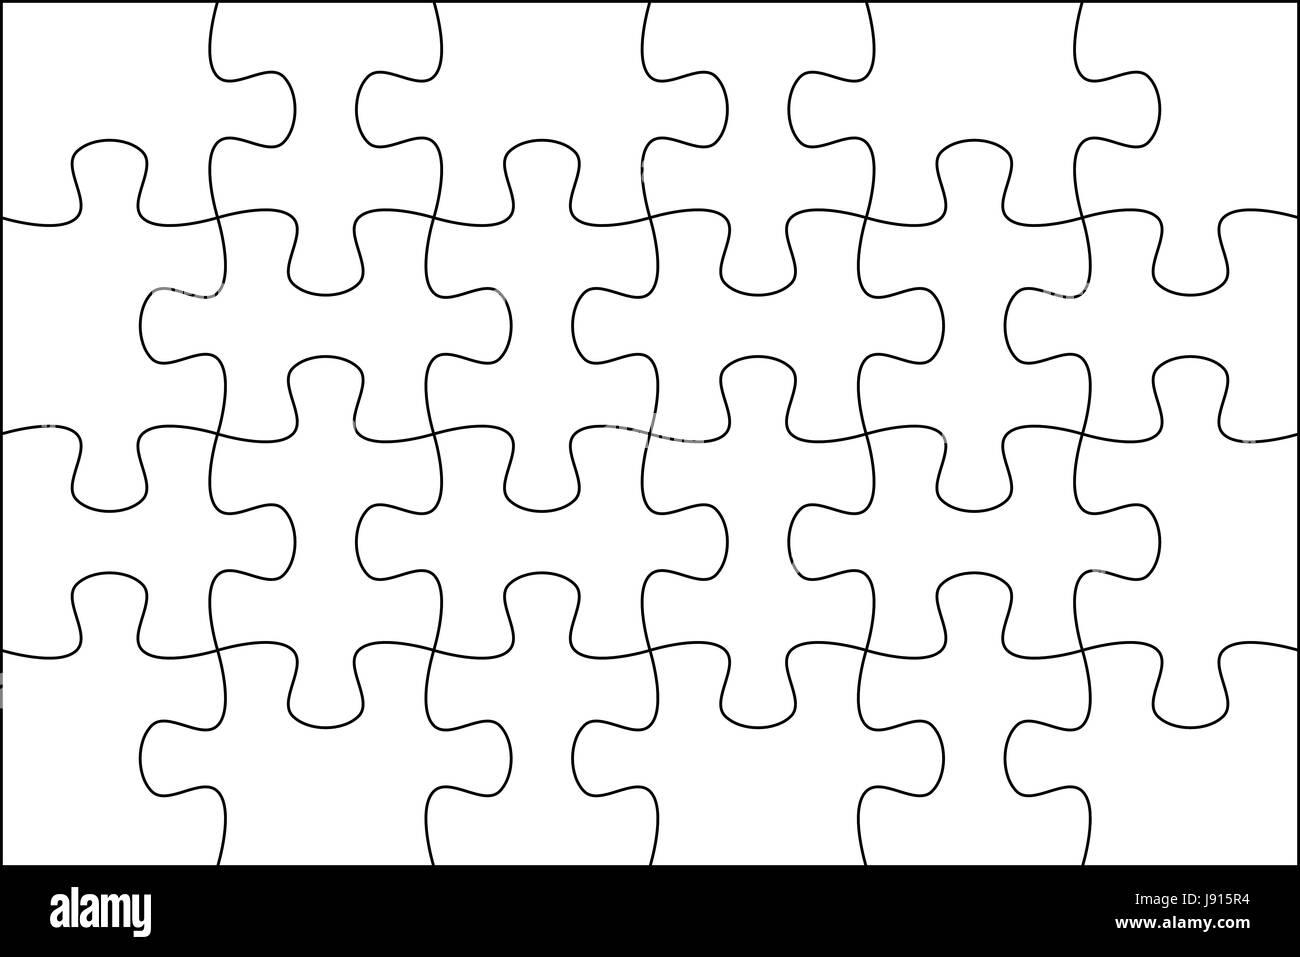 Gemütlich Puzzle Vorlage Zeitgenössisch - Malvorlagen Von Tieren ...